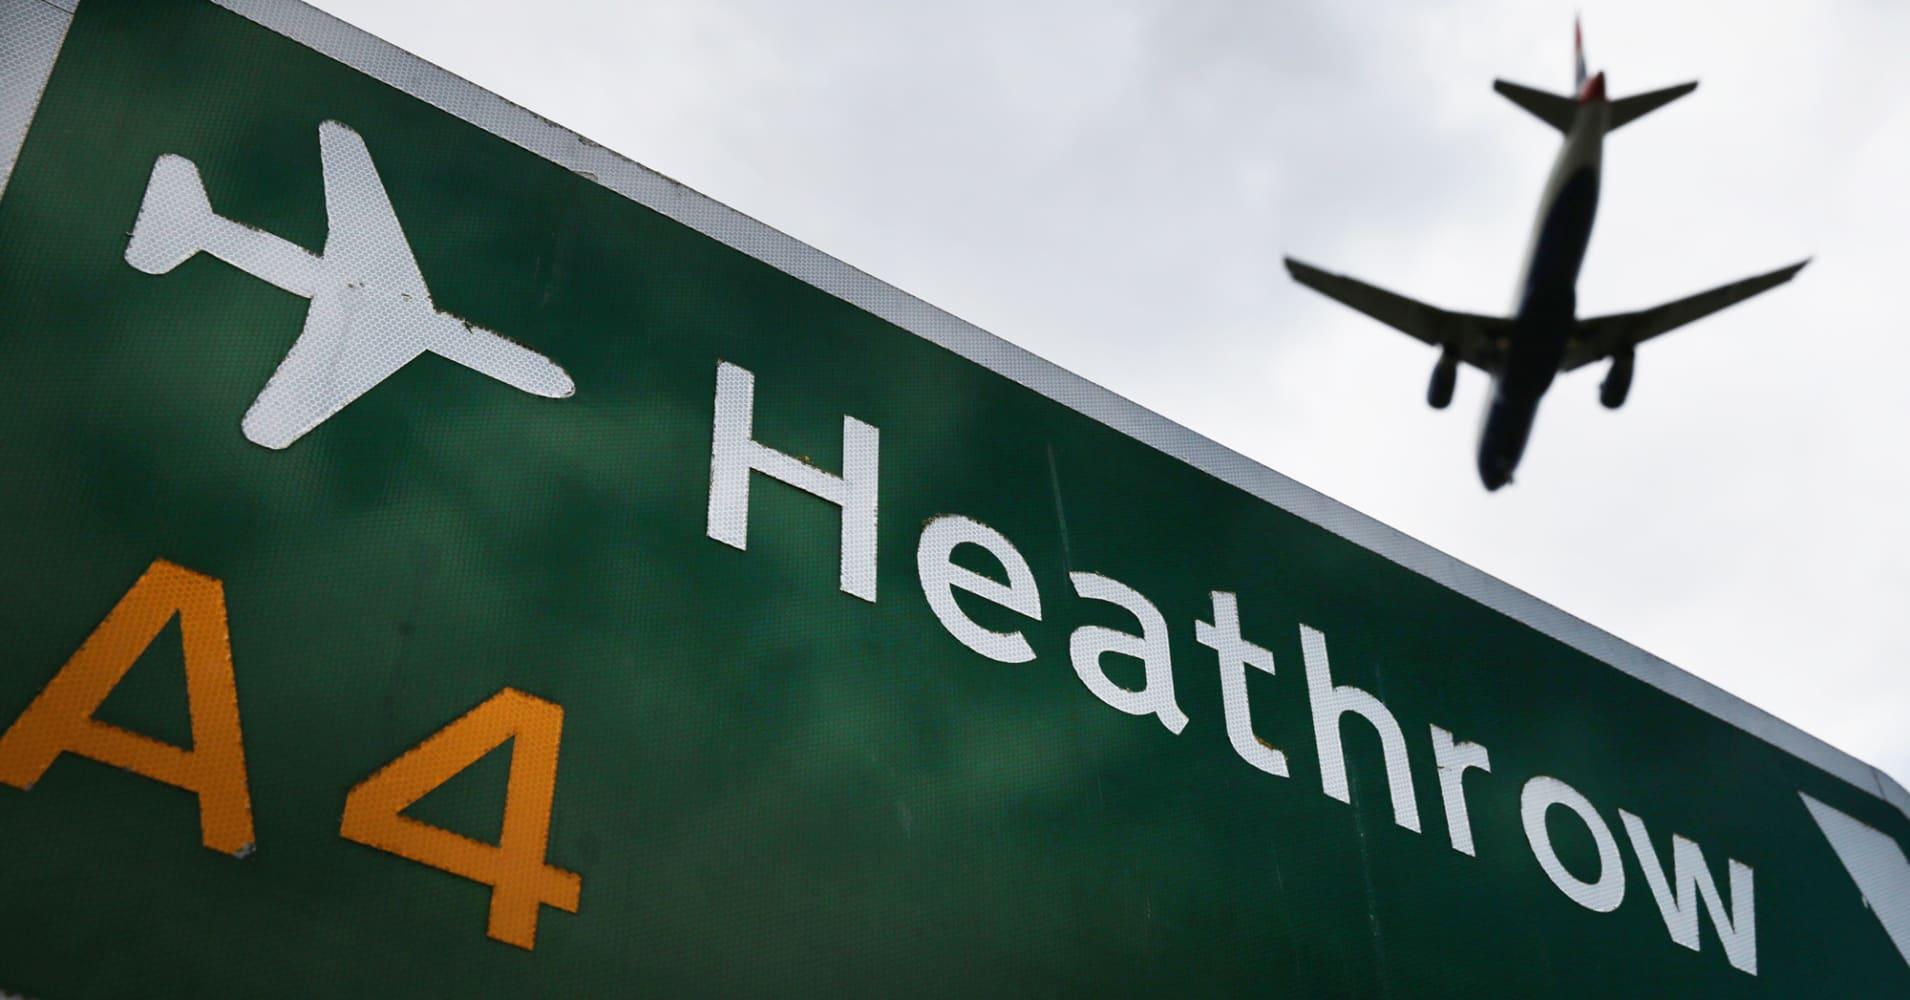 Britain's Heathrow says BA to run full flight schedule on Tuesday